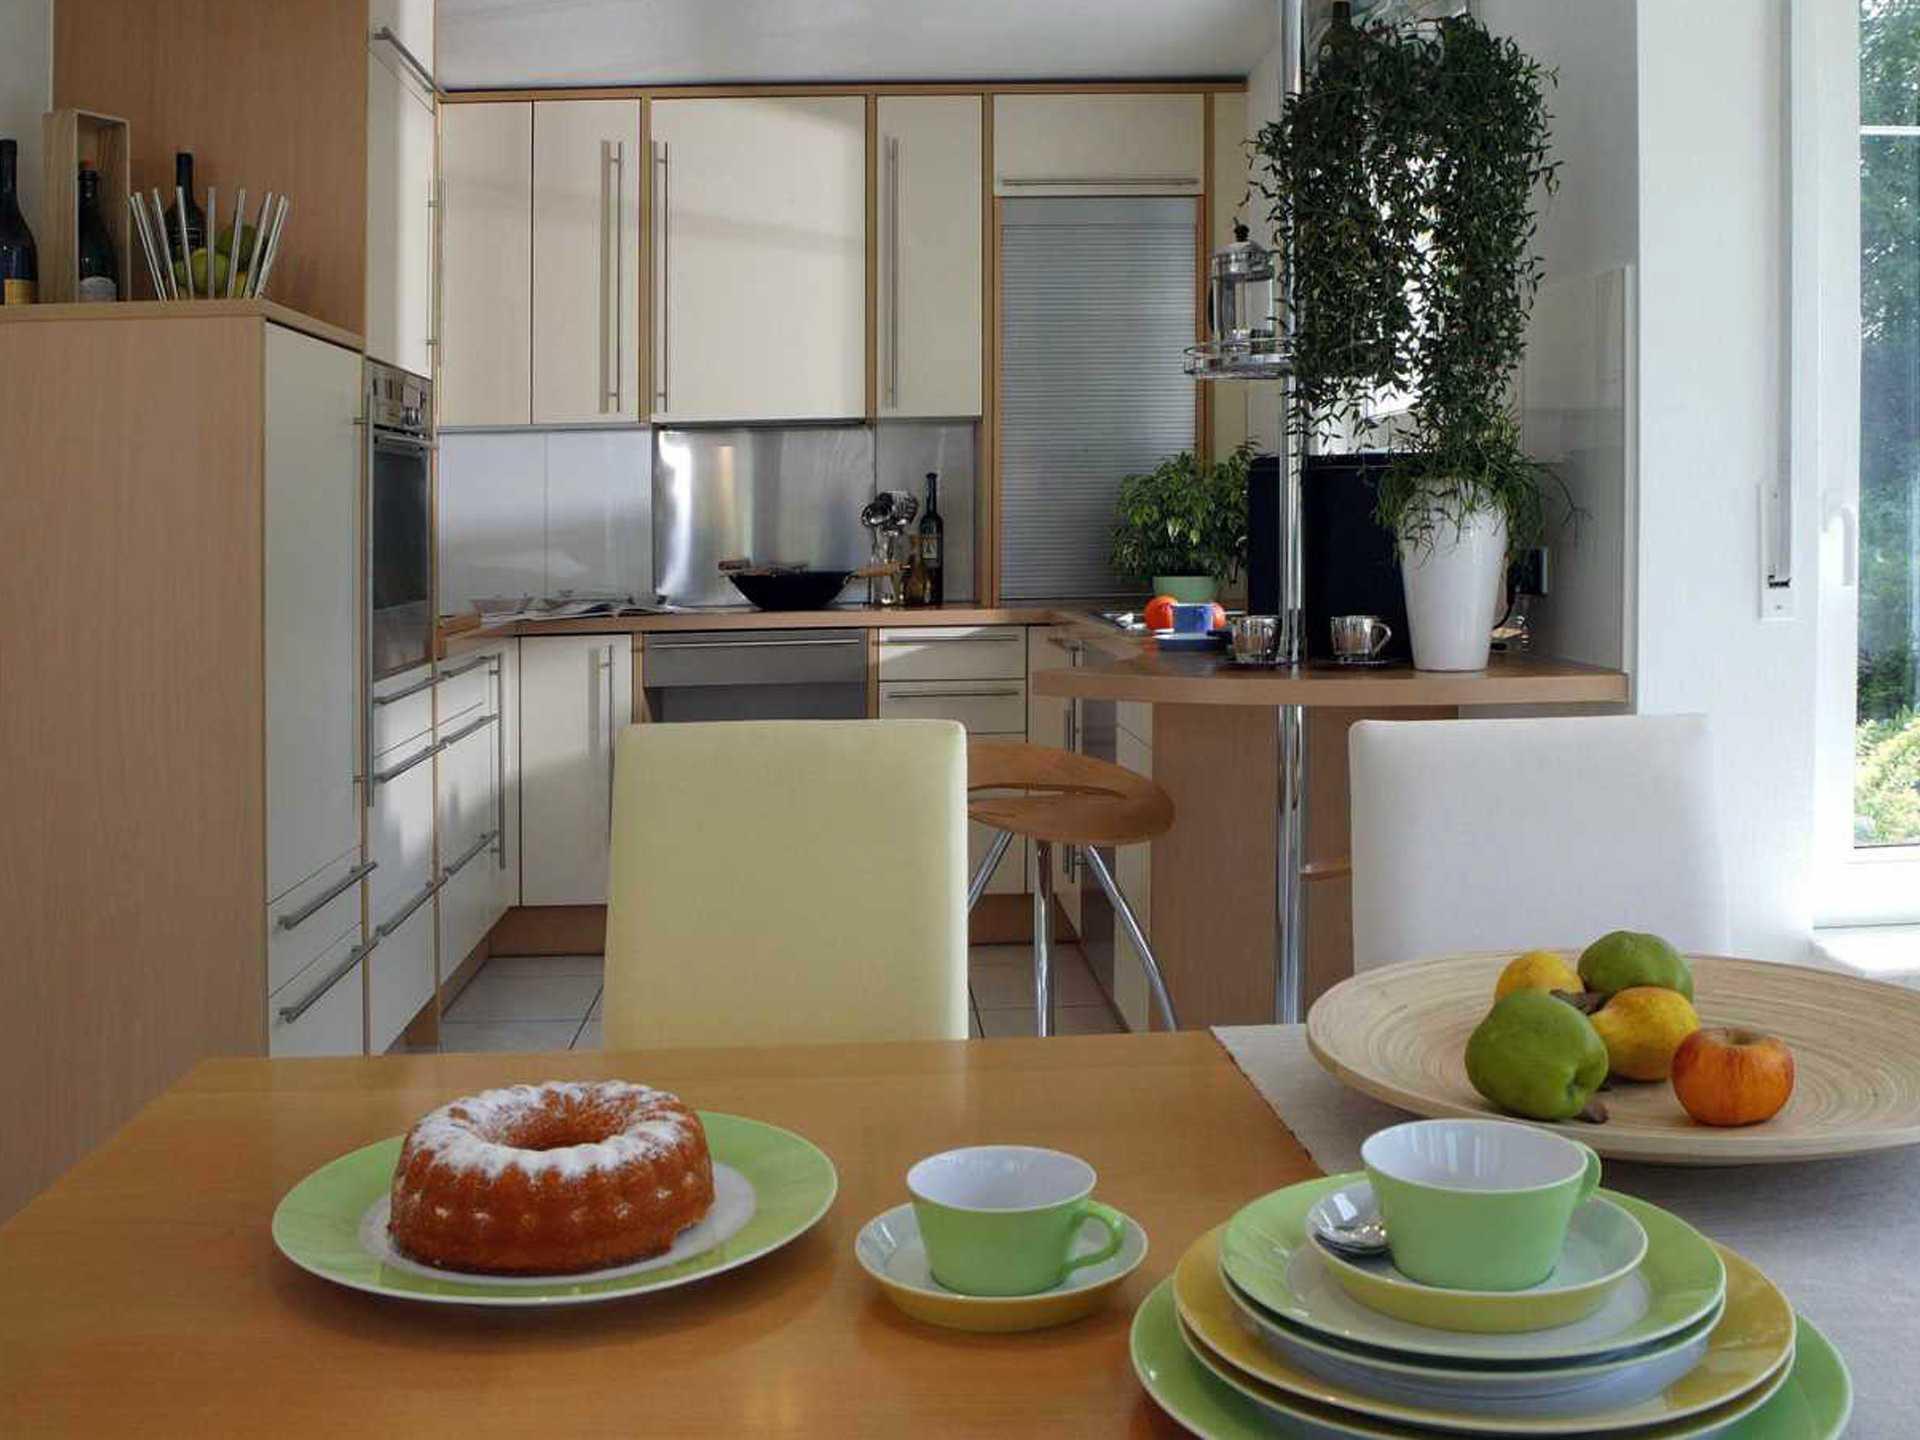 Gläserne Küche Oelde | Glaserne Kuche Oelde Kochkurs